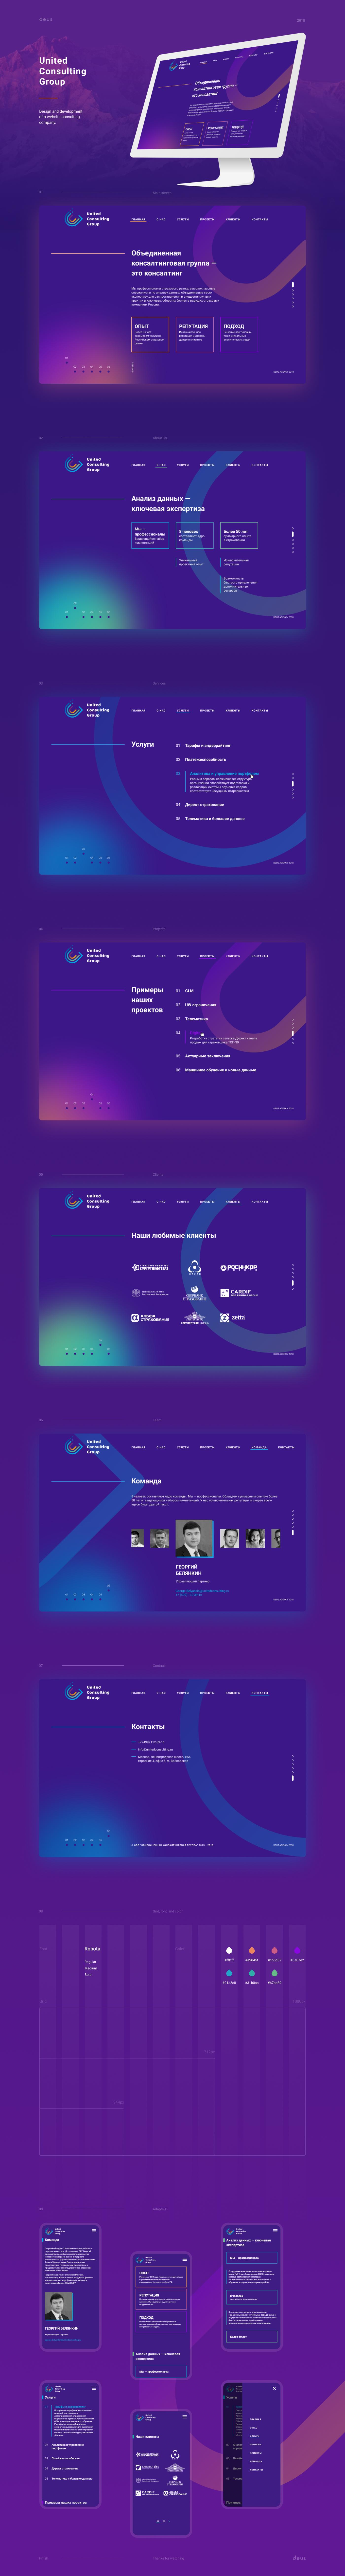 fullscreen landing gradient консалтинг UI Website corporate Consalting Figma desktop